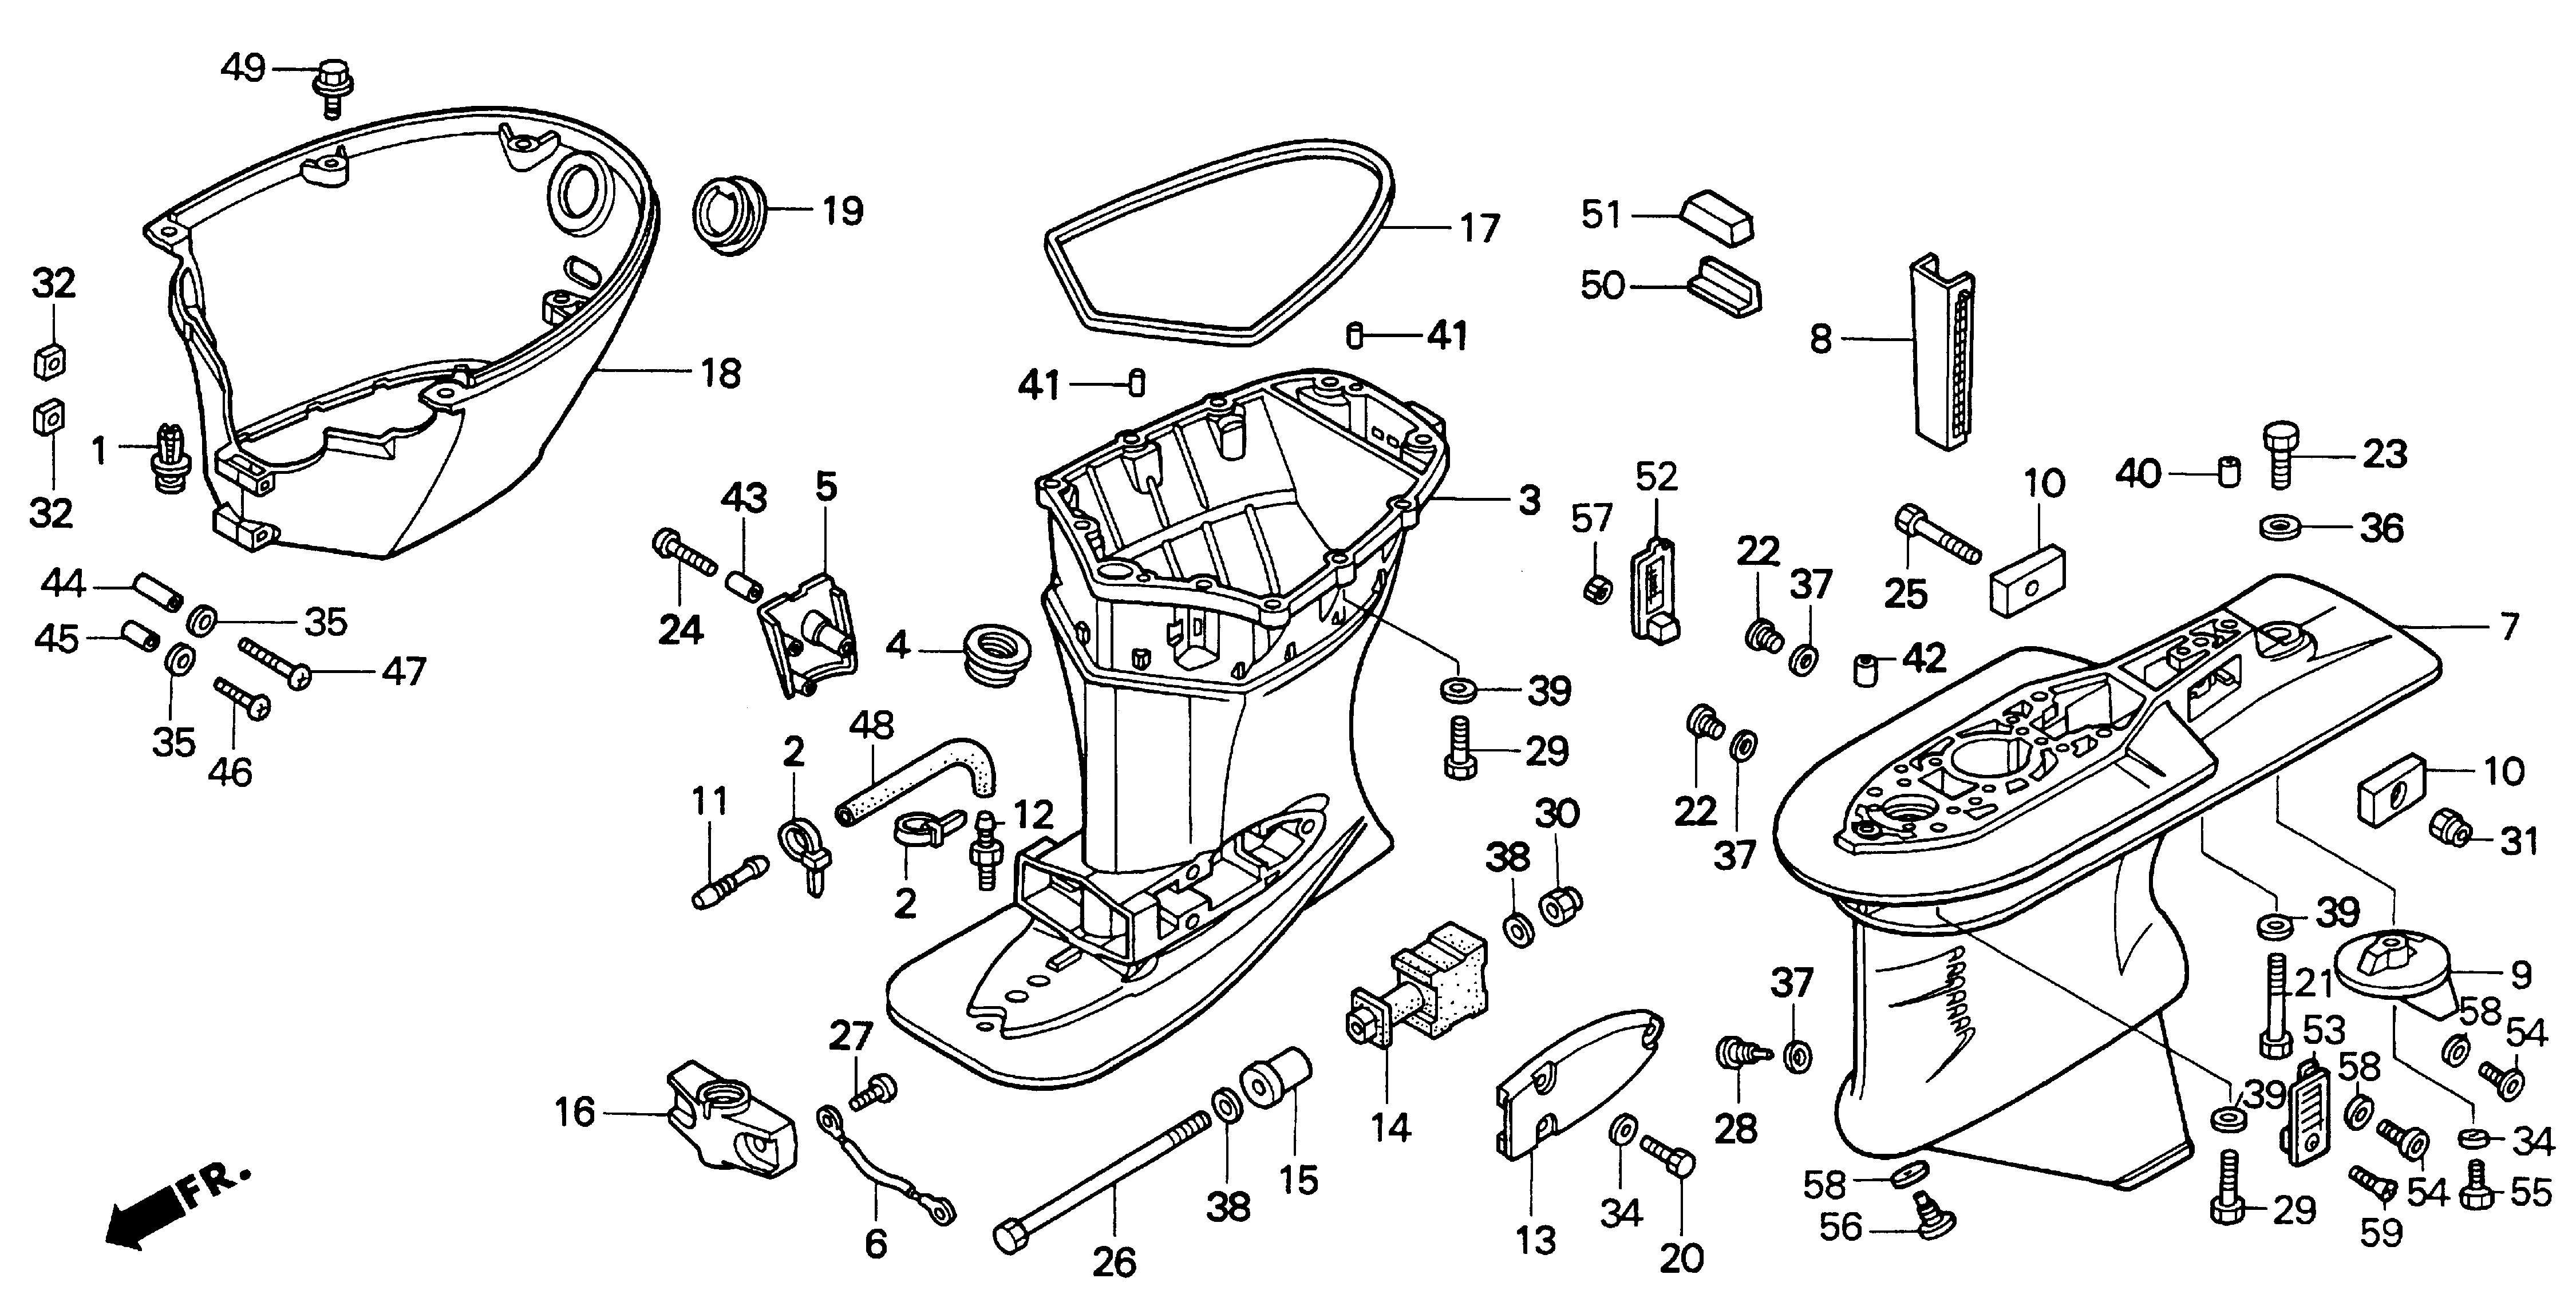 honda bf90 parts diagram html